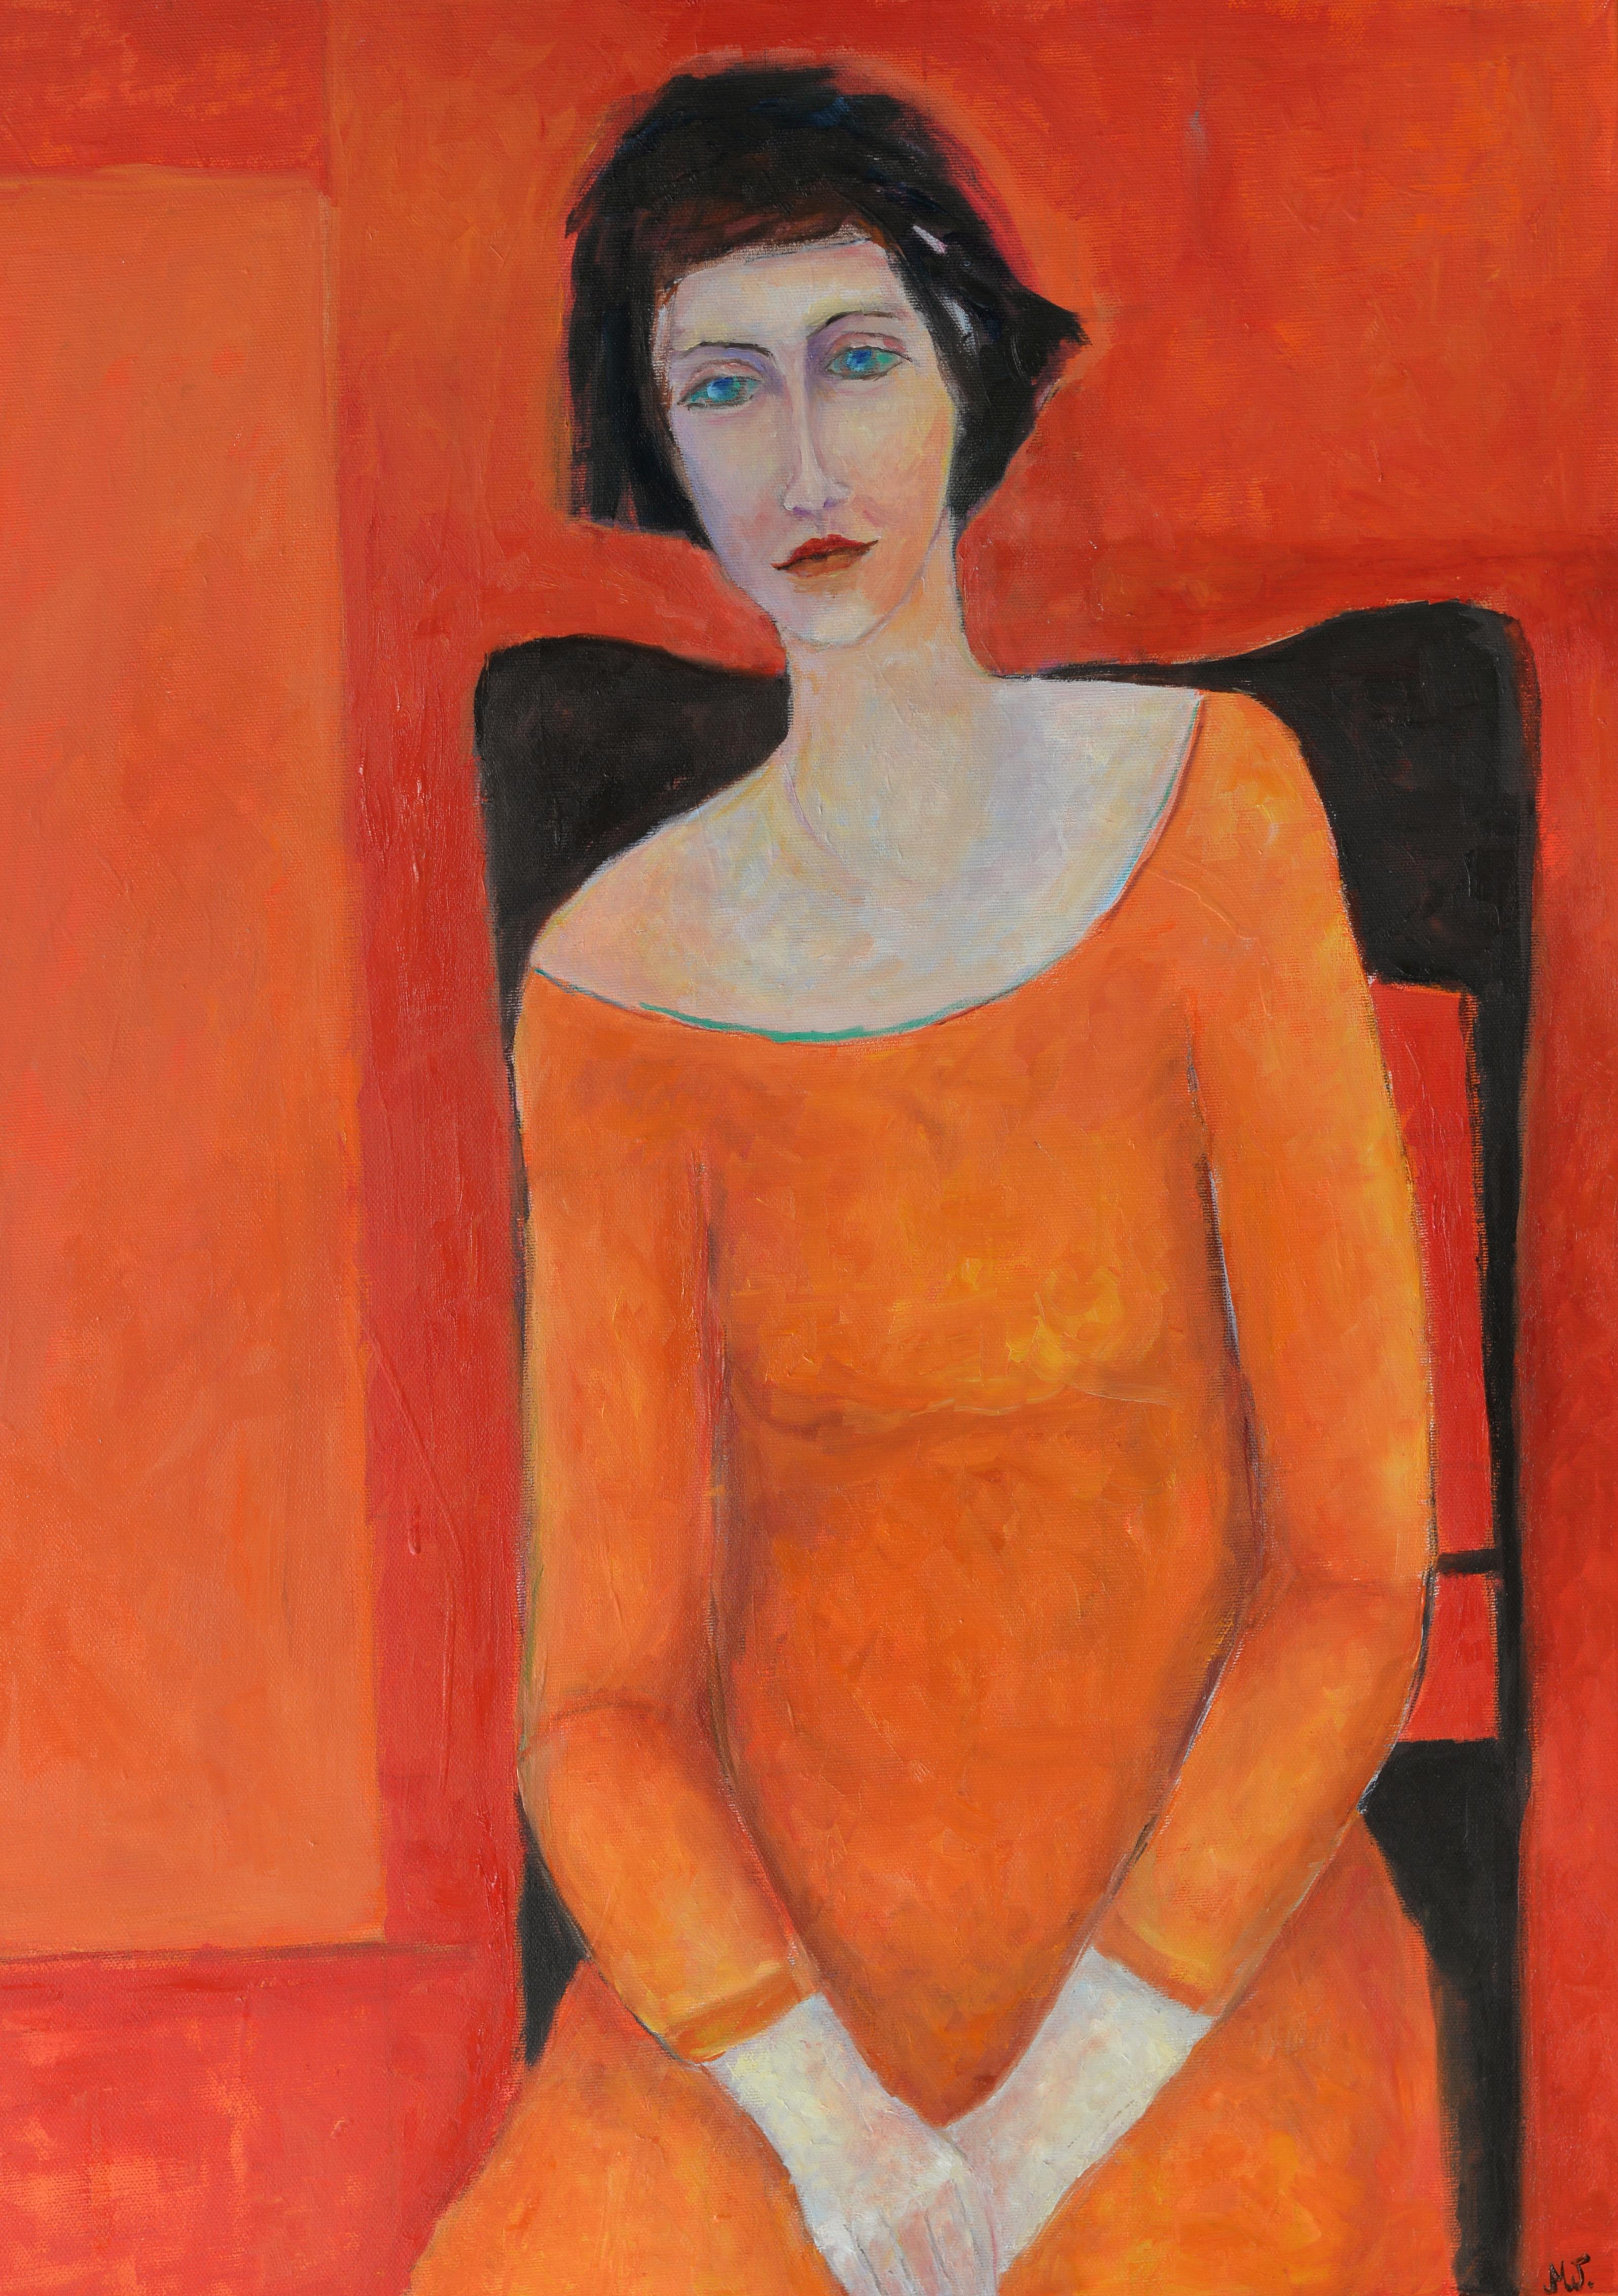 czerwony obraz na ścianę obrazy z kobietami